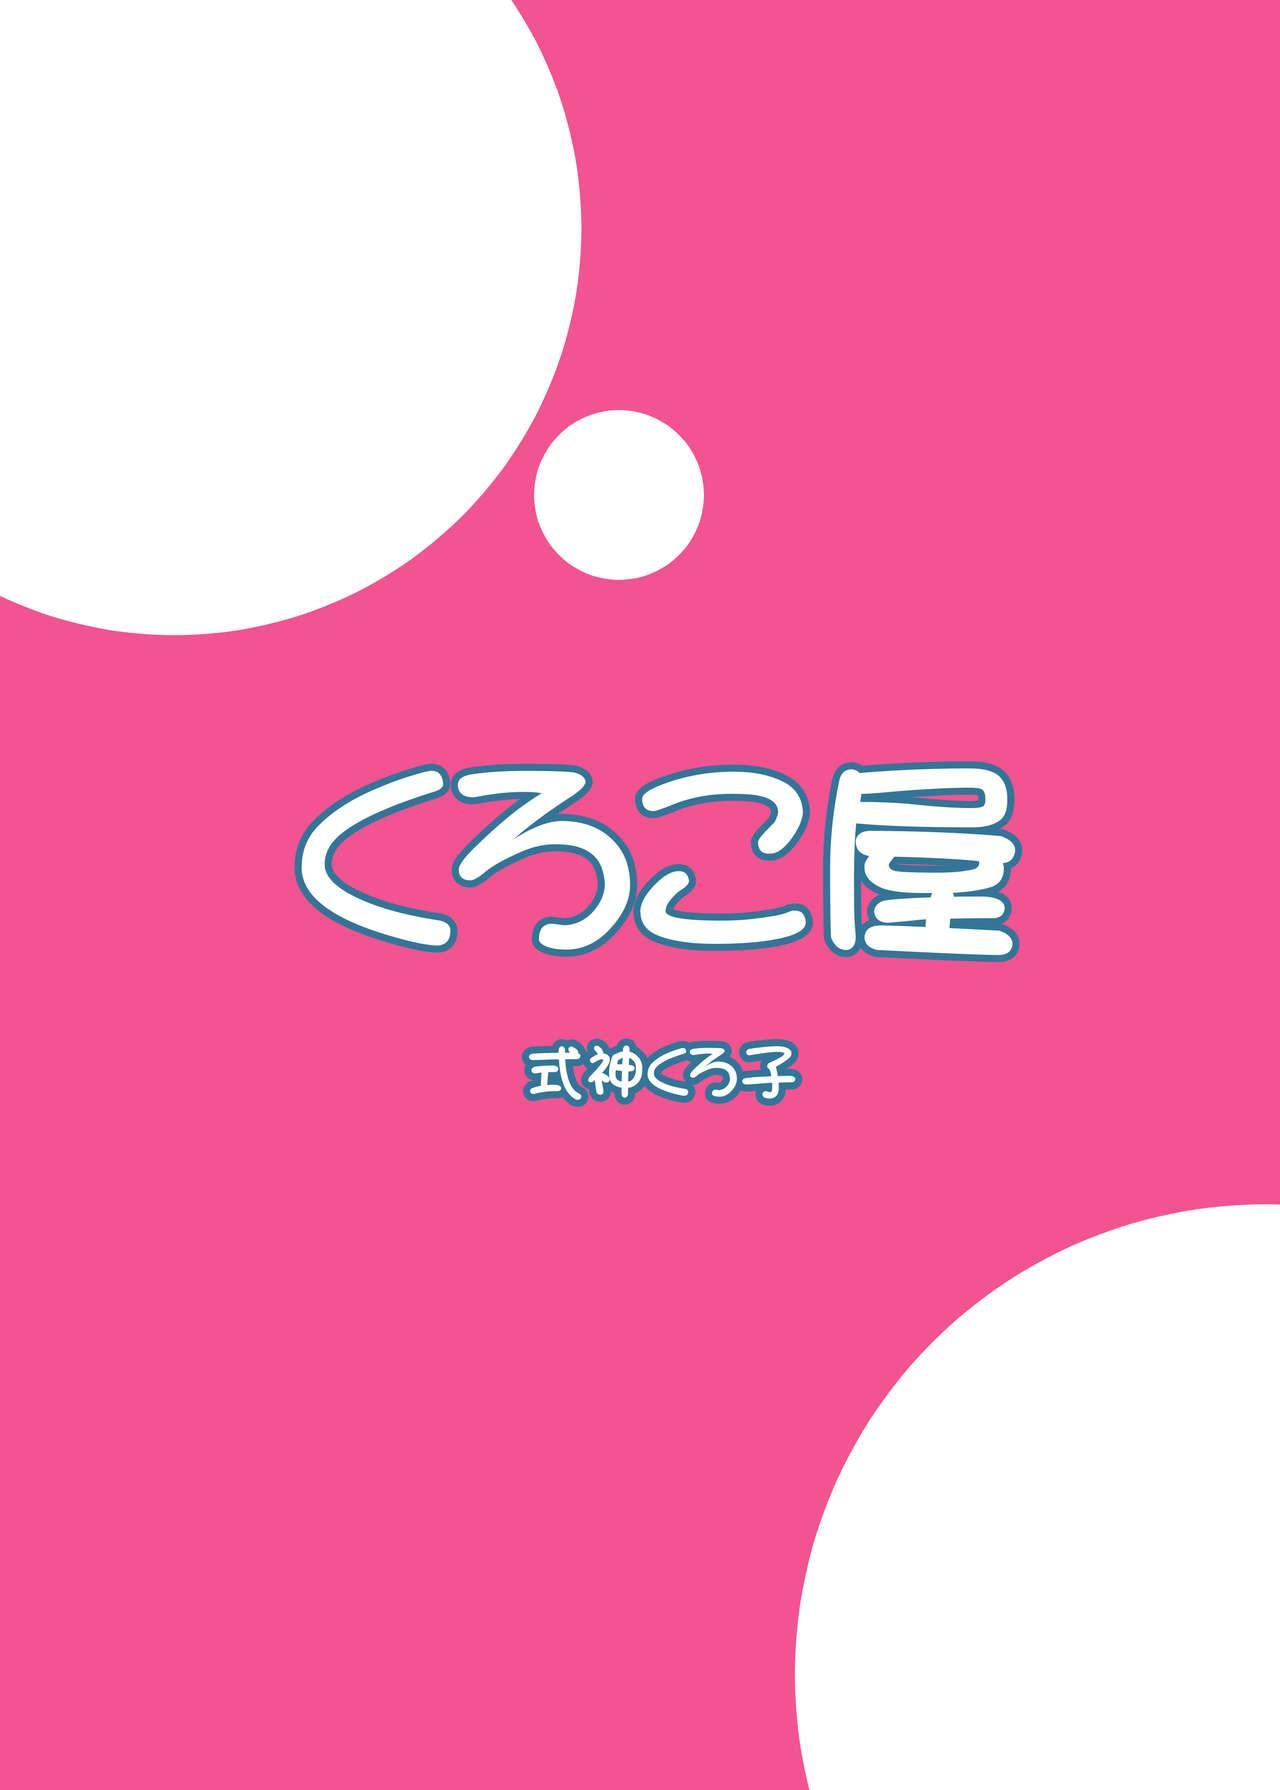 Kinyoku Seikatsu nante Kiwameru kara... Ochinchin ga Haechaun desu yo! 23